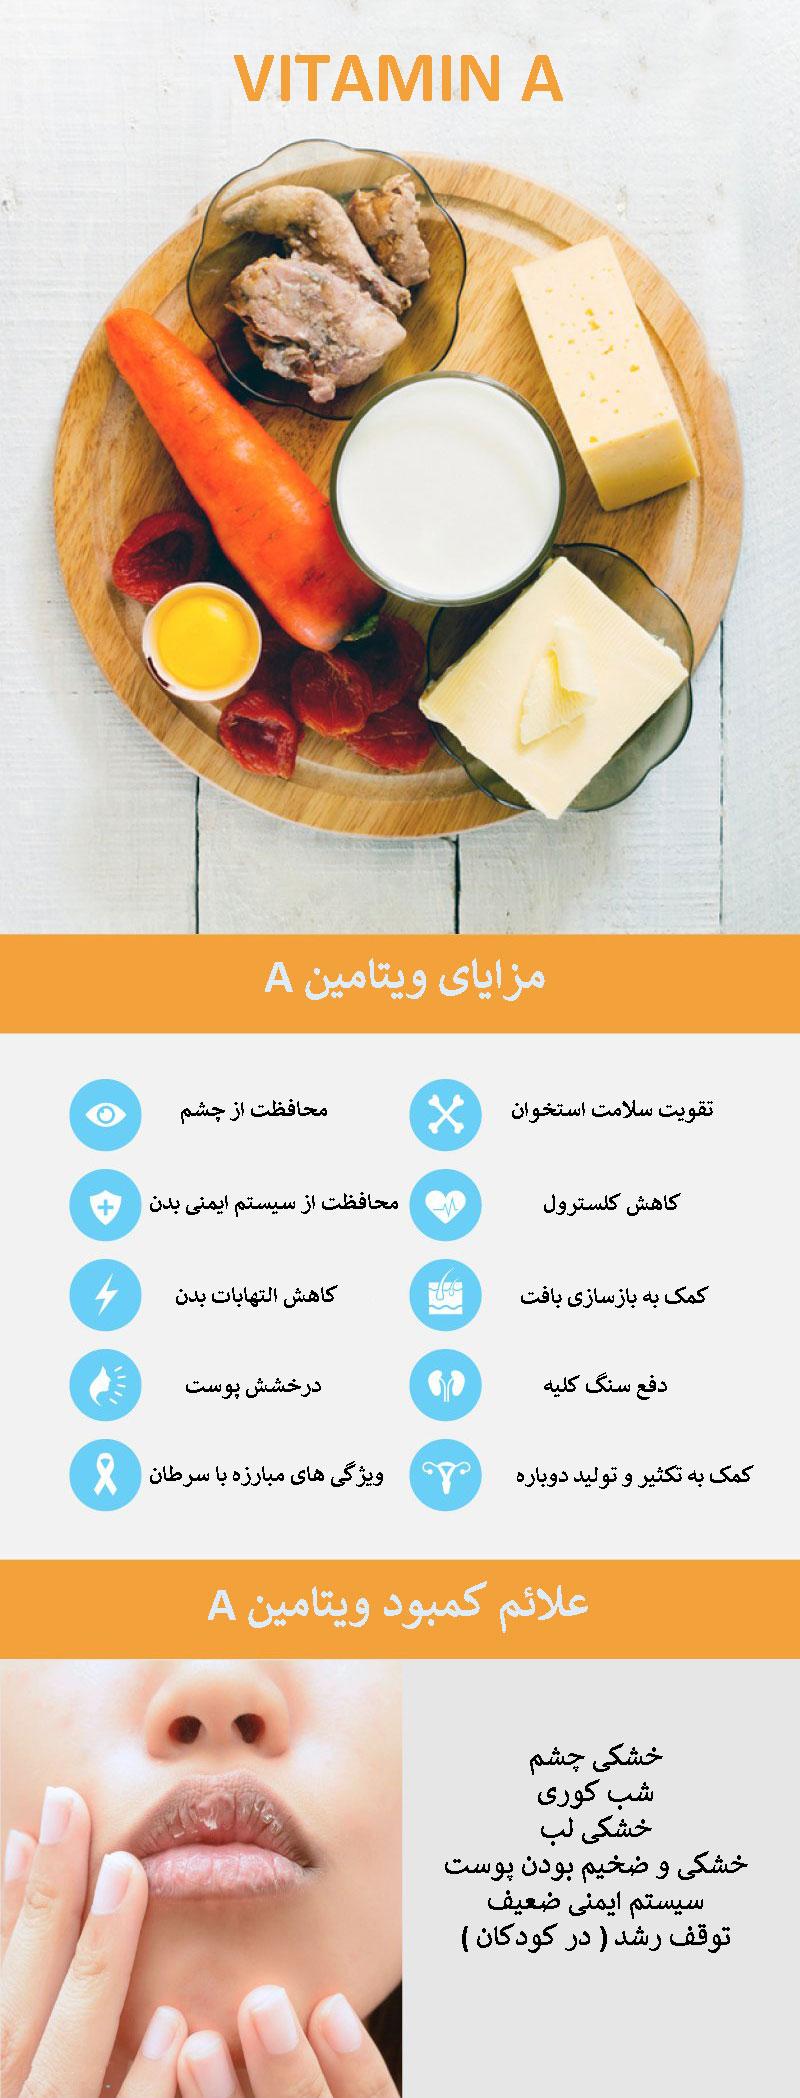 مزایای ویتامین A